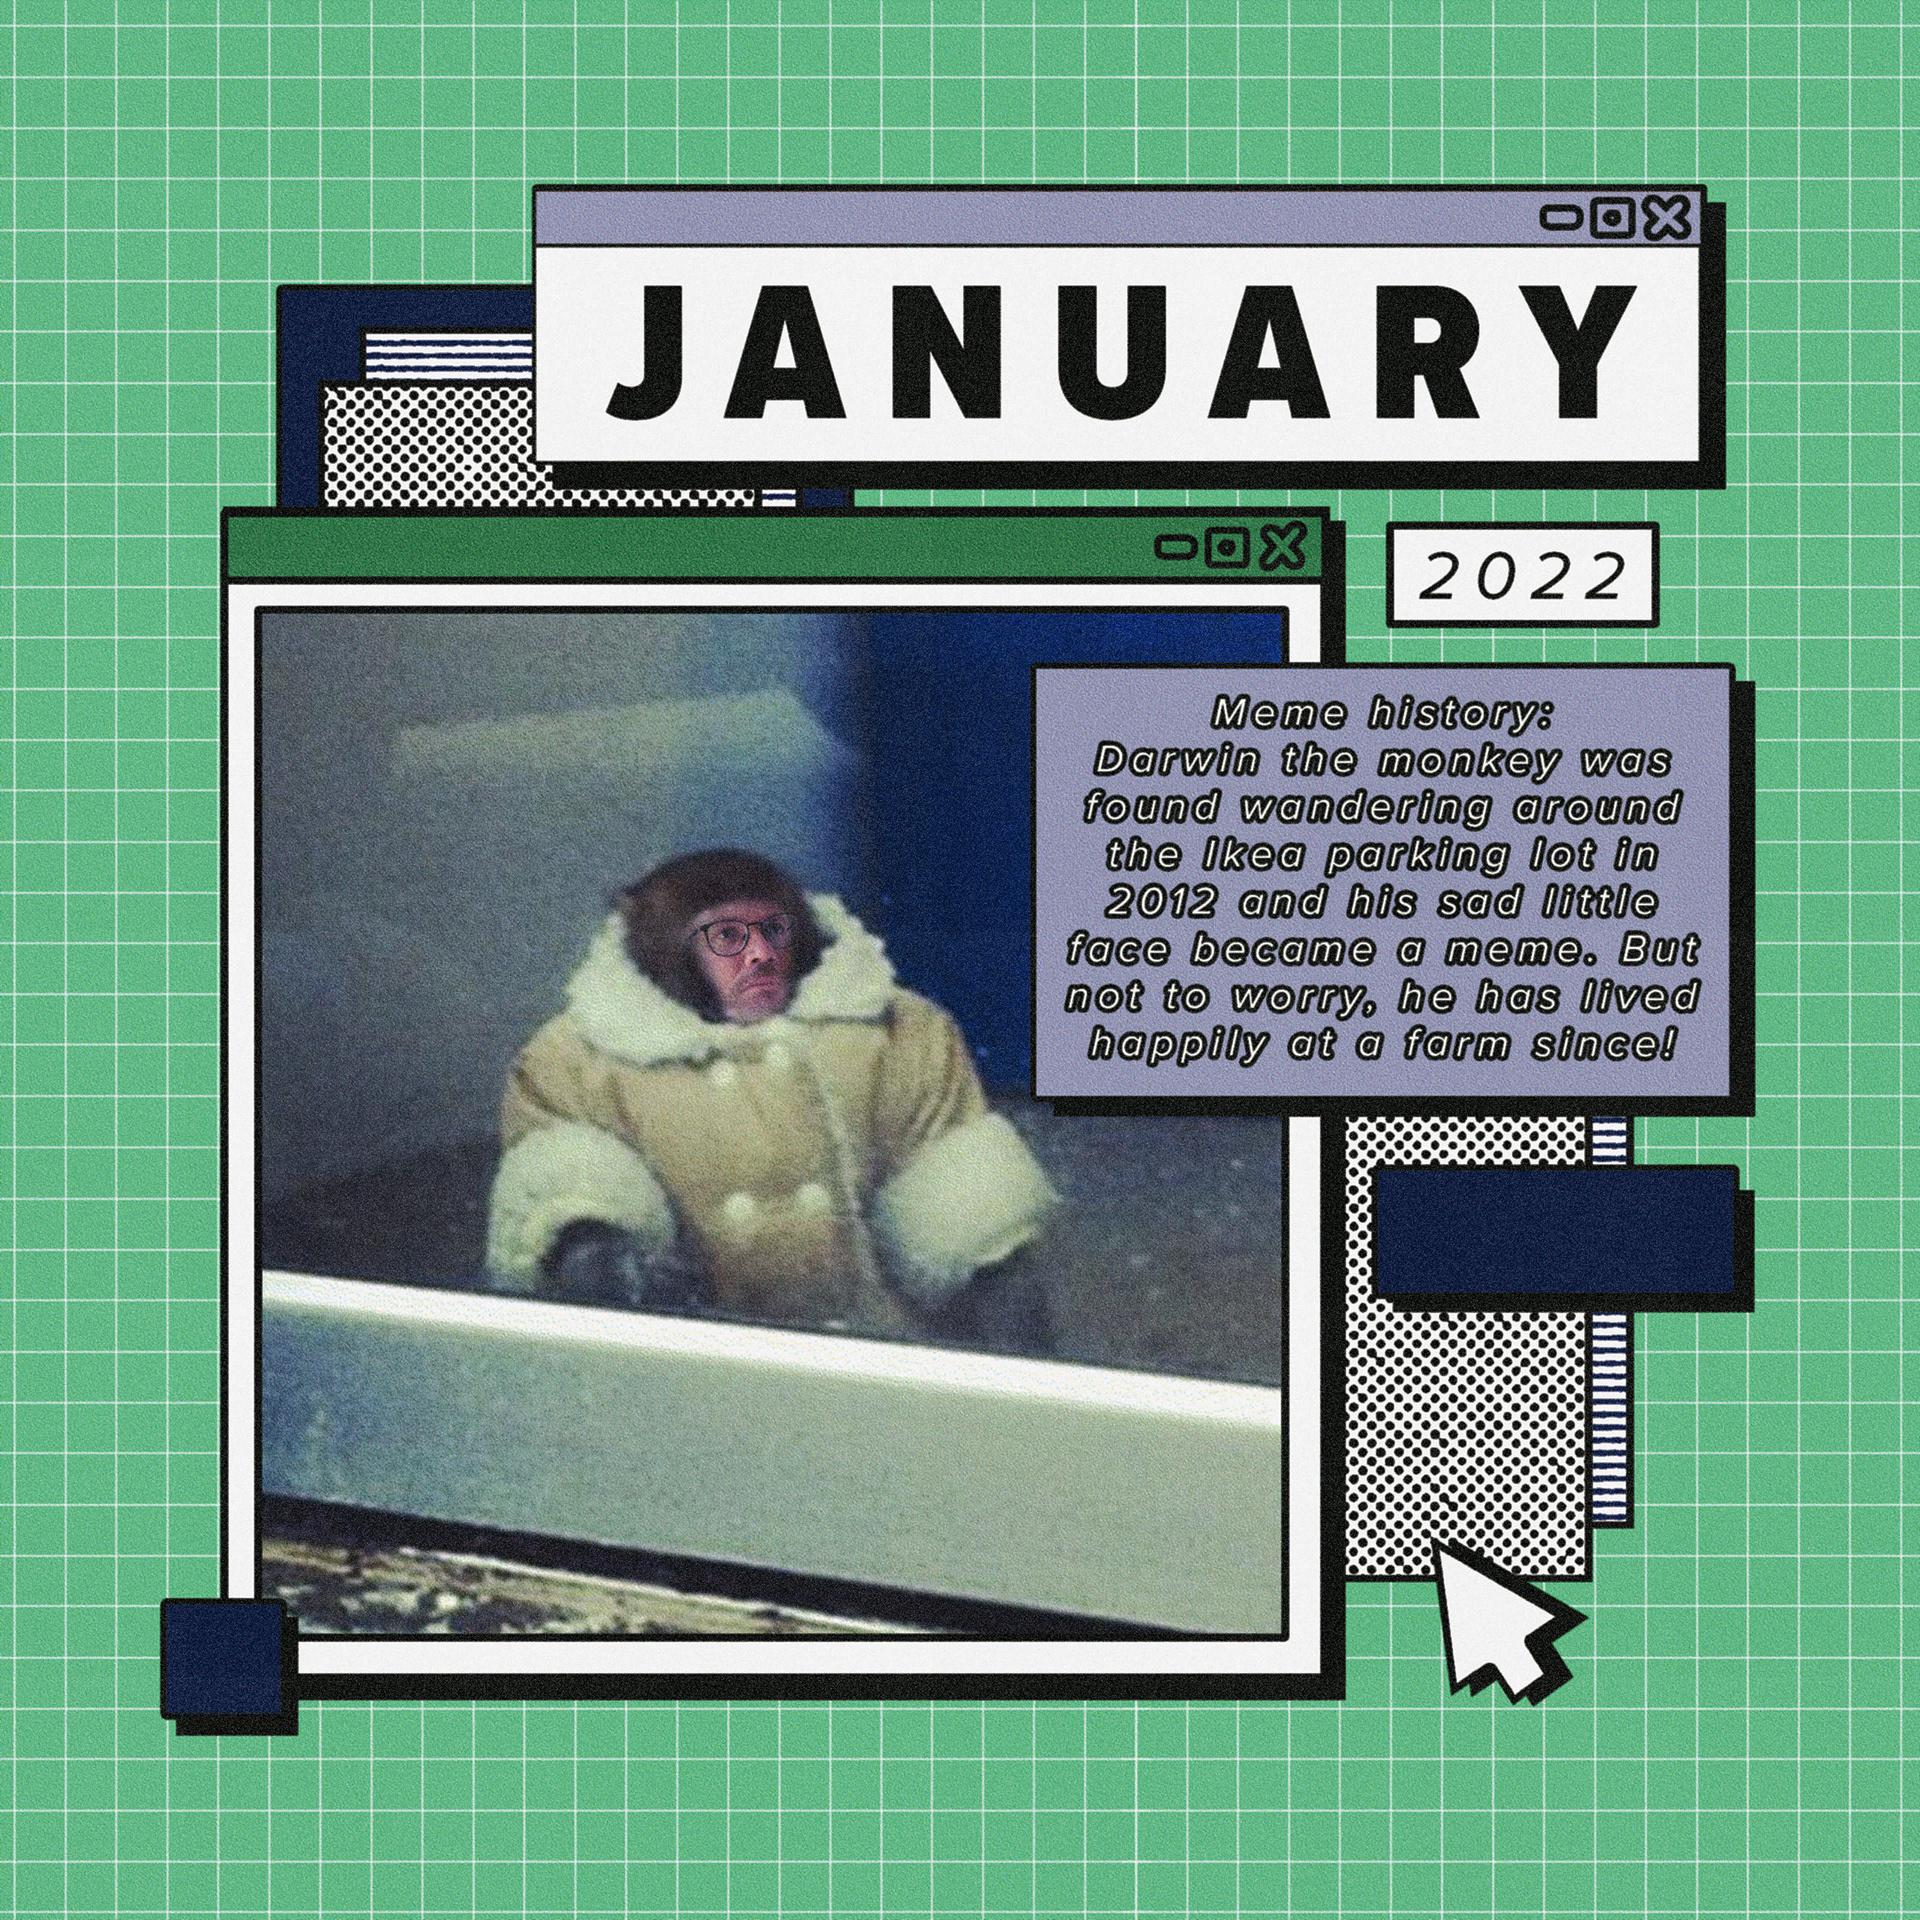 2022 Meme Calendar.Megan Toenyes 2021 Project For Awesome Calendar Graphic Designer